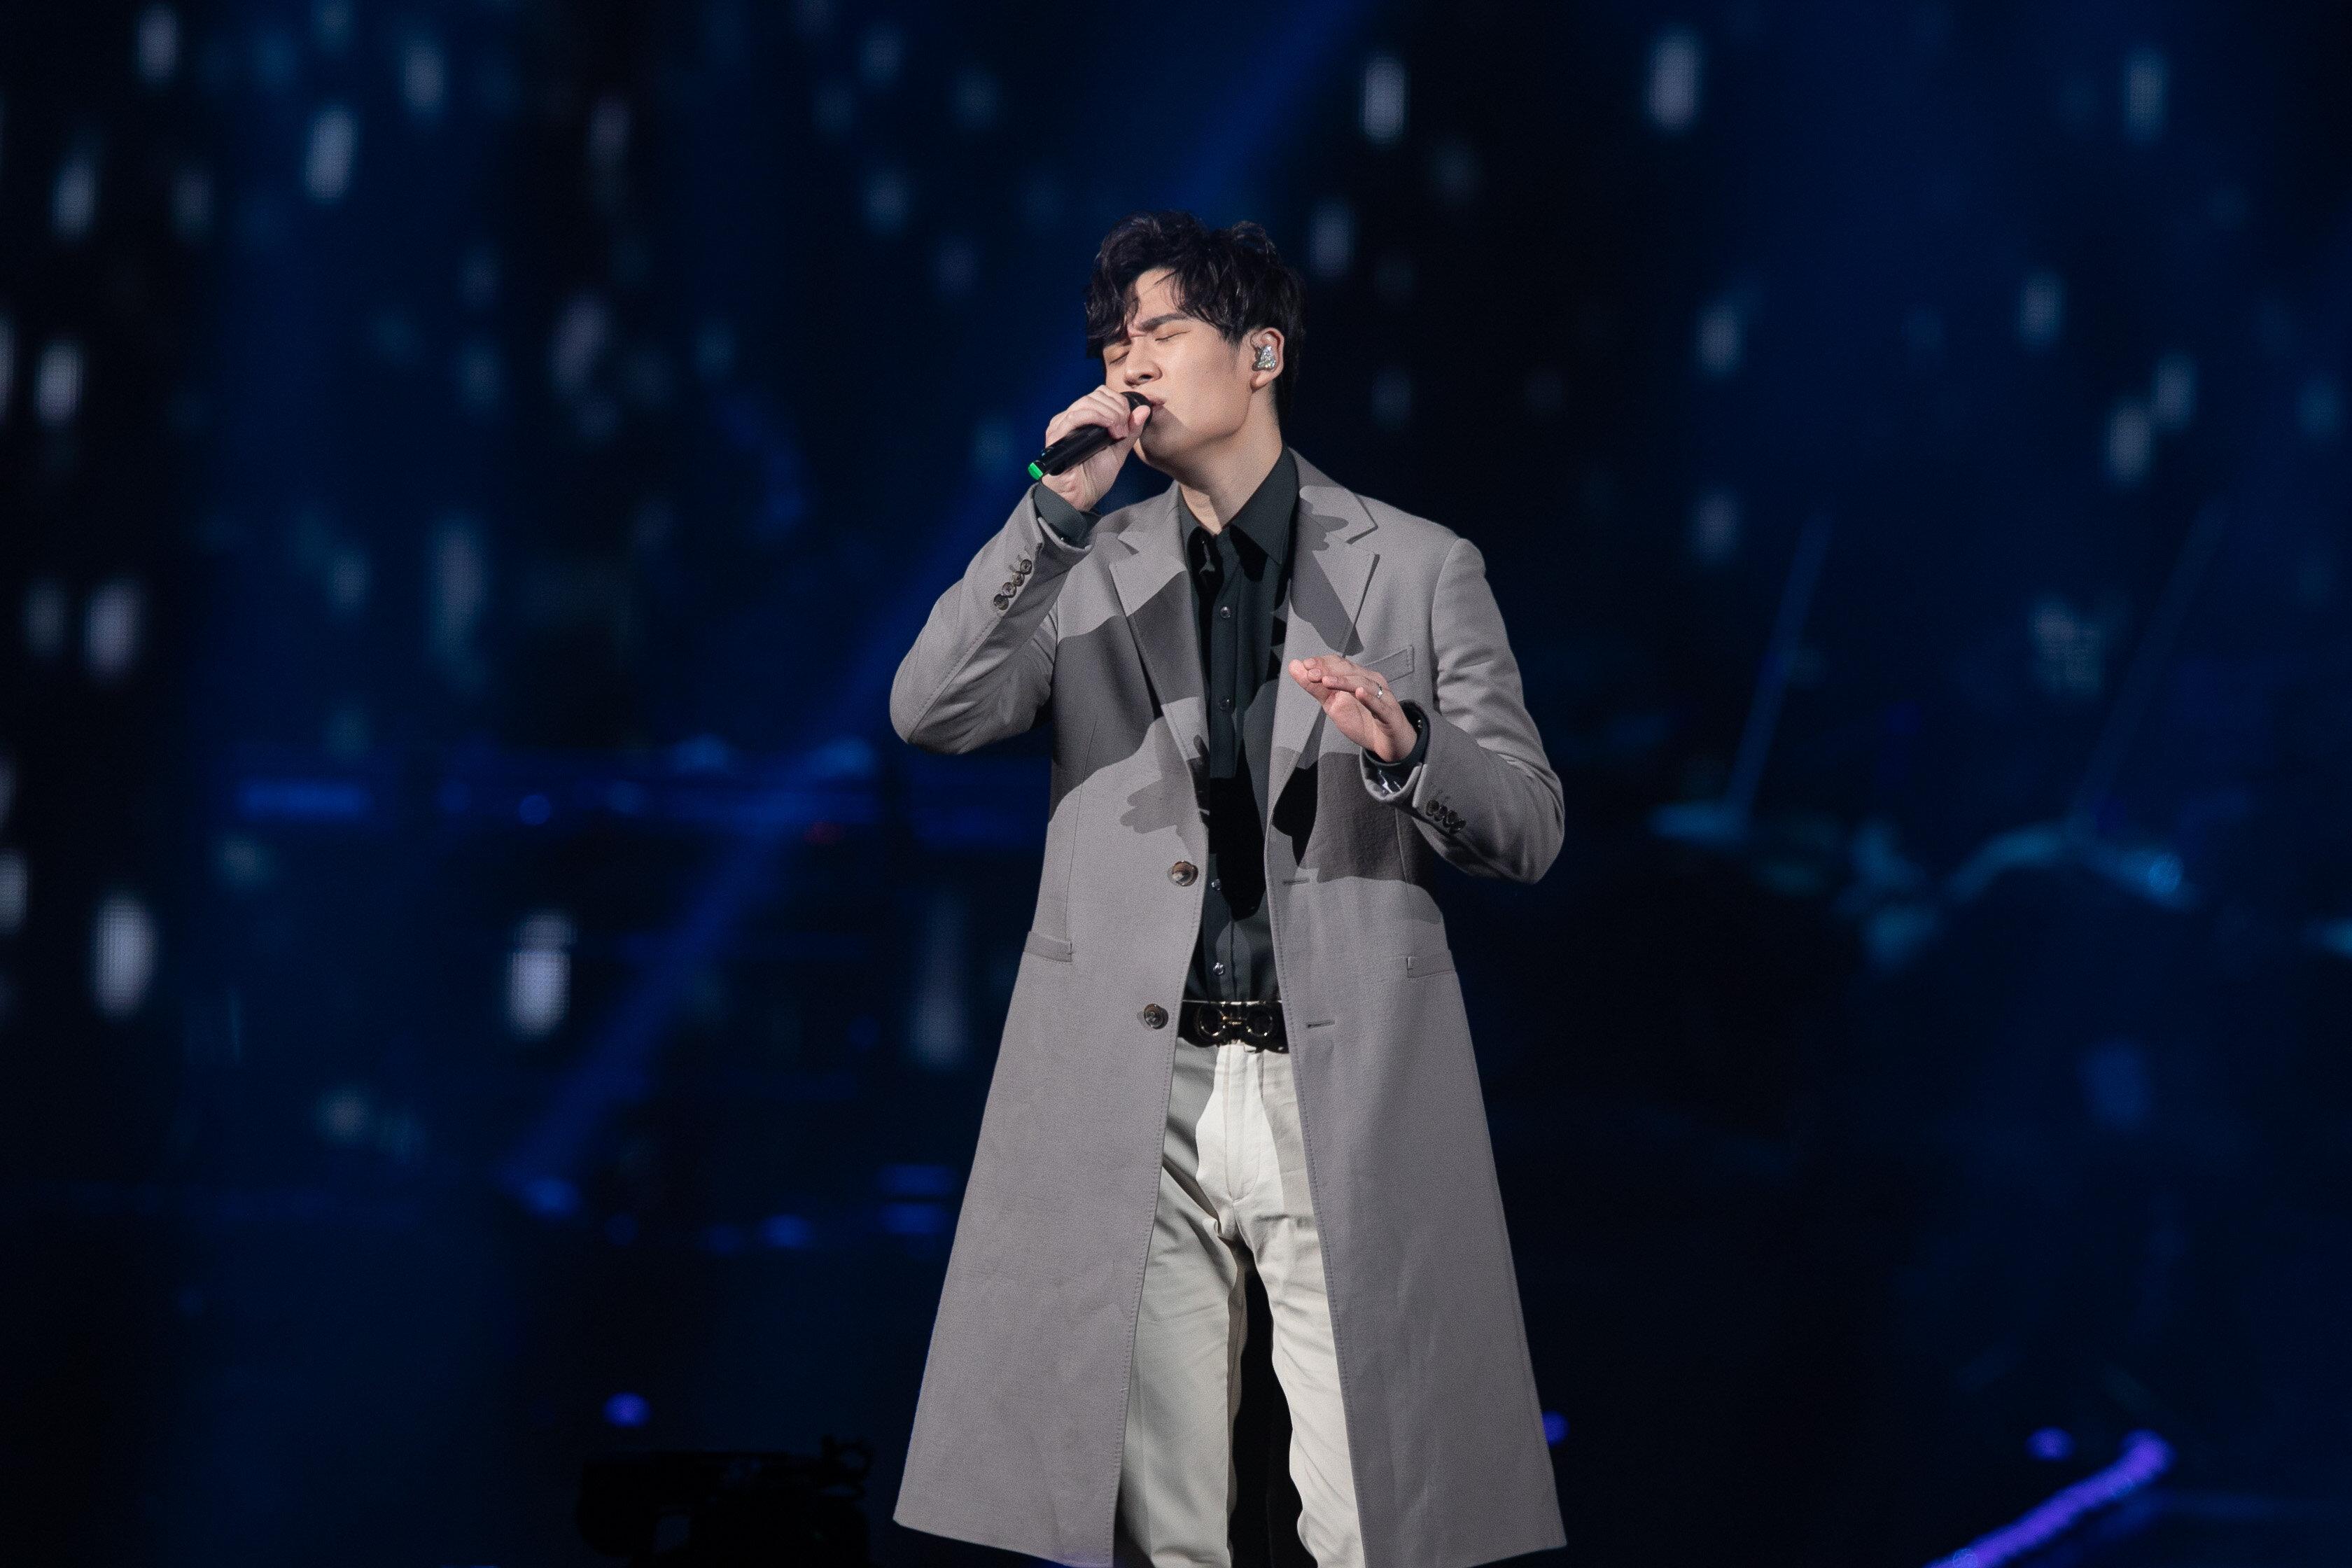 【精彩片段】年度風雲歌手 周興哲 Eric Chou